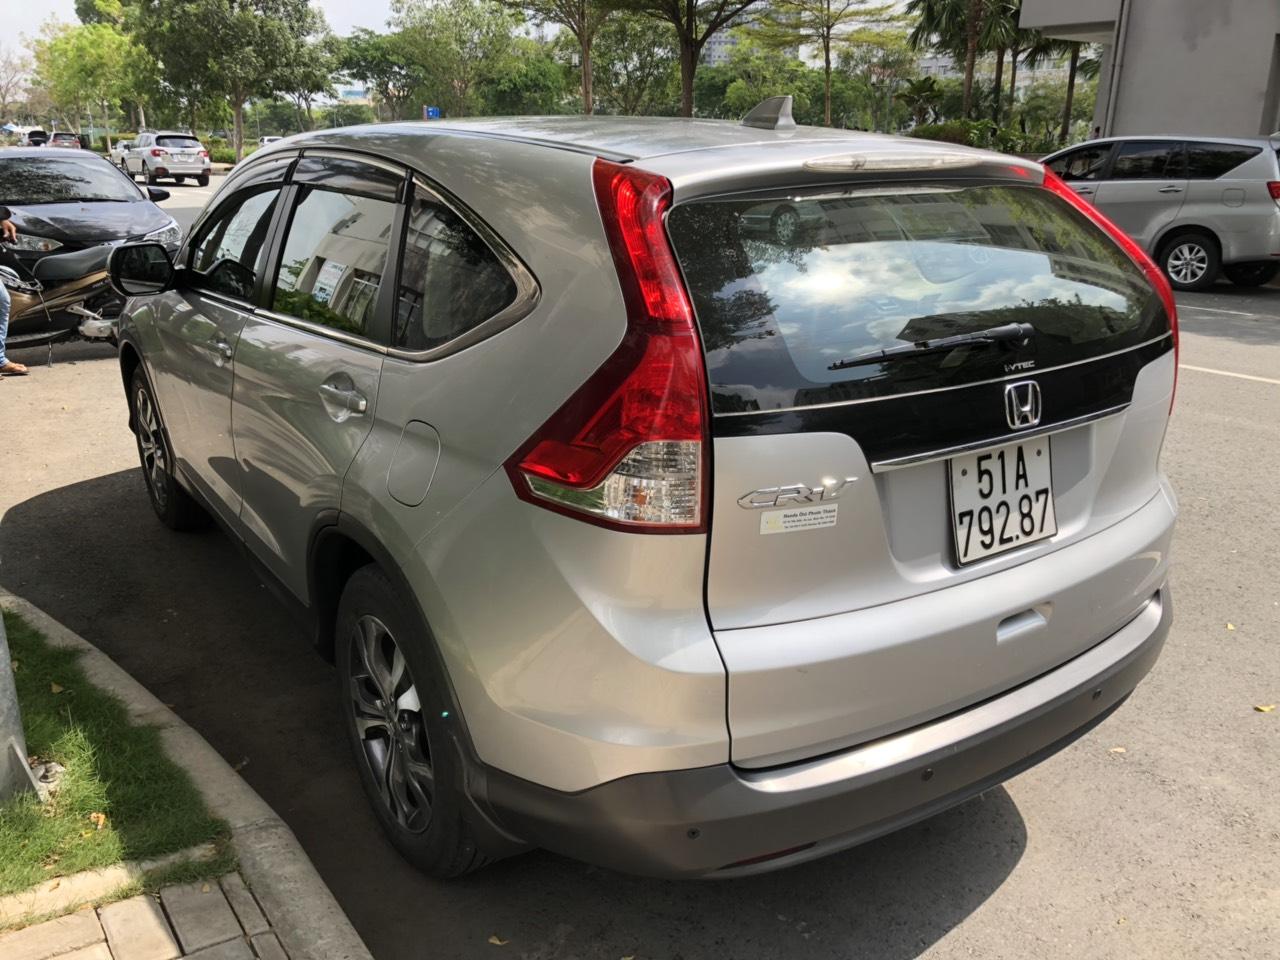 Bán Honda CRV 2.4AT màu bạc sản xuất 2014 biển Sài Gòn một chủ đi 65000km